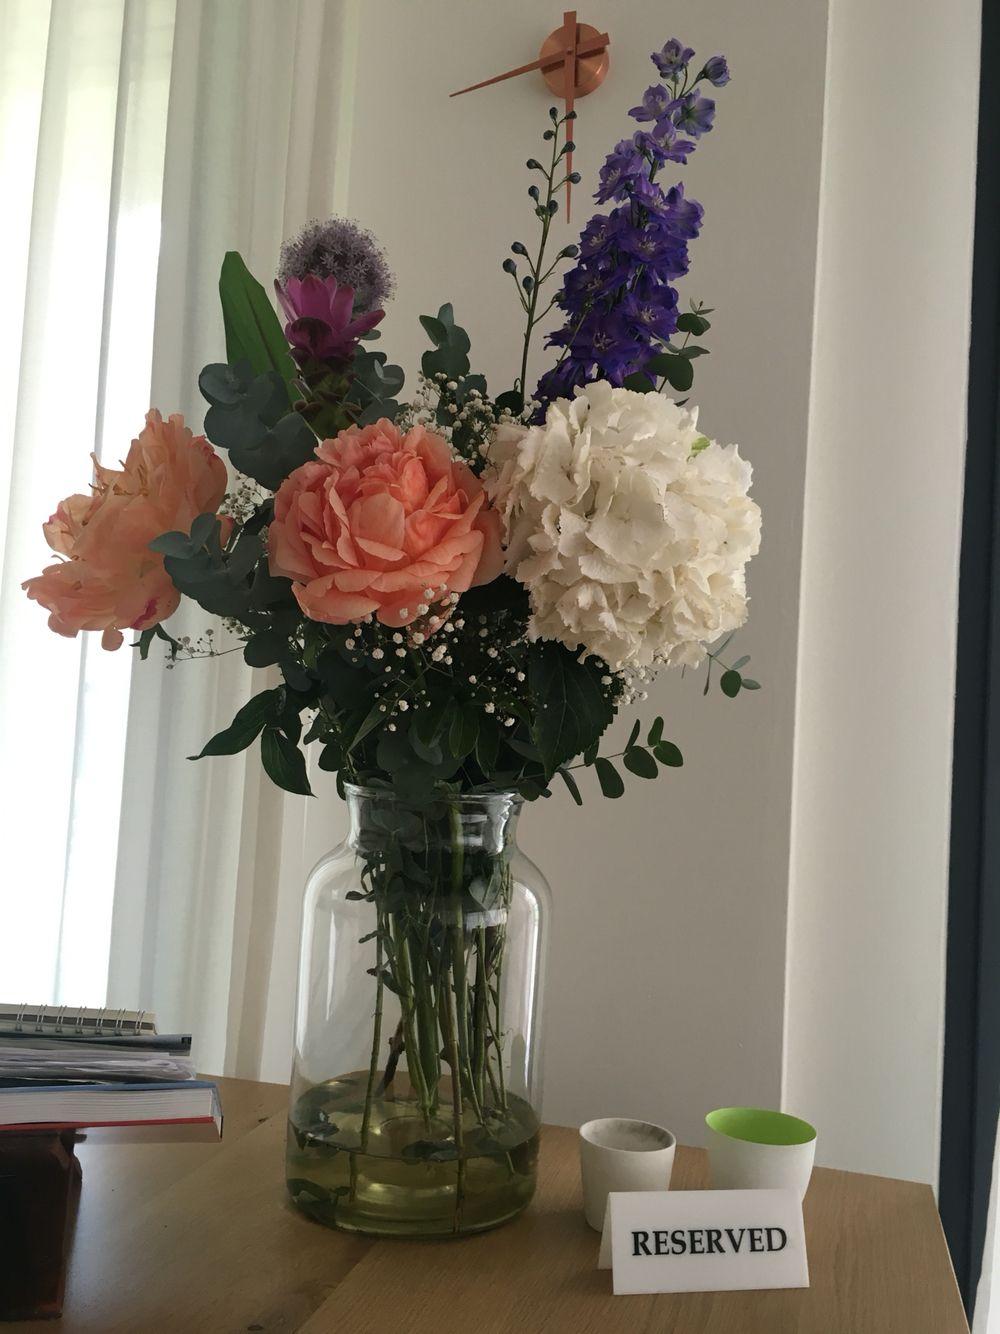 Flowers, bloemen, pioenen, hortensia, summer